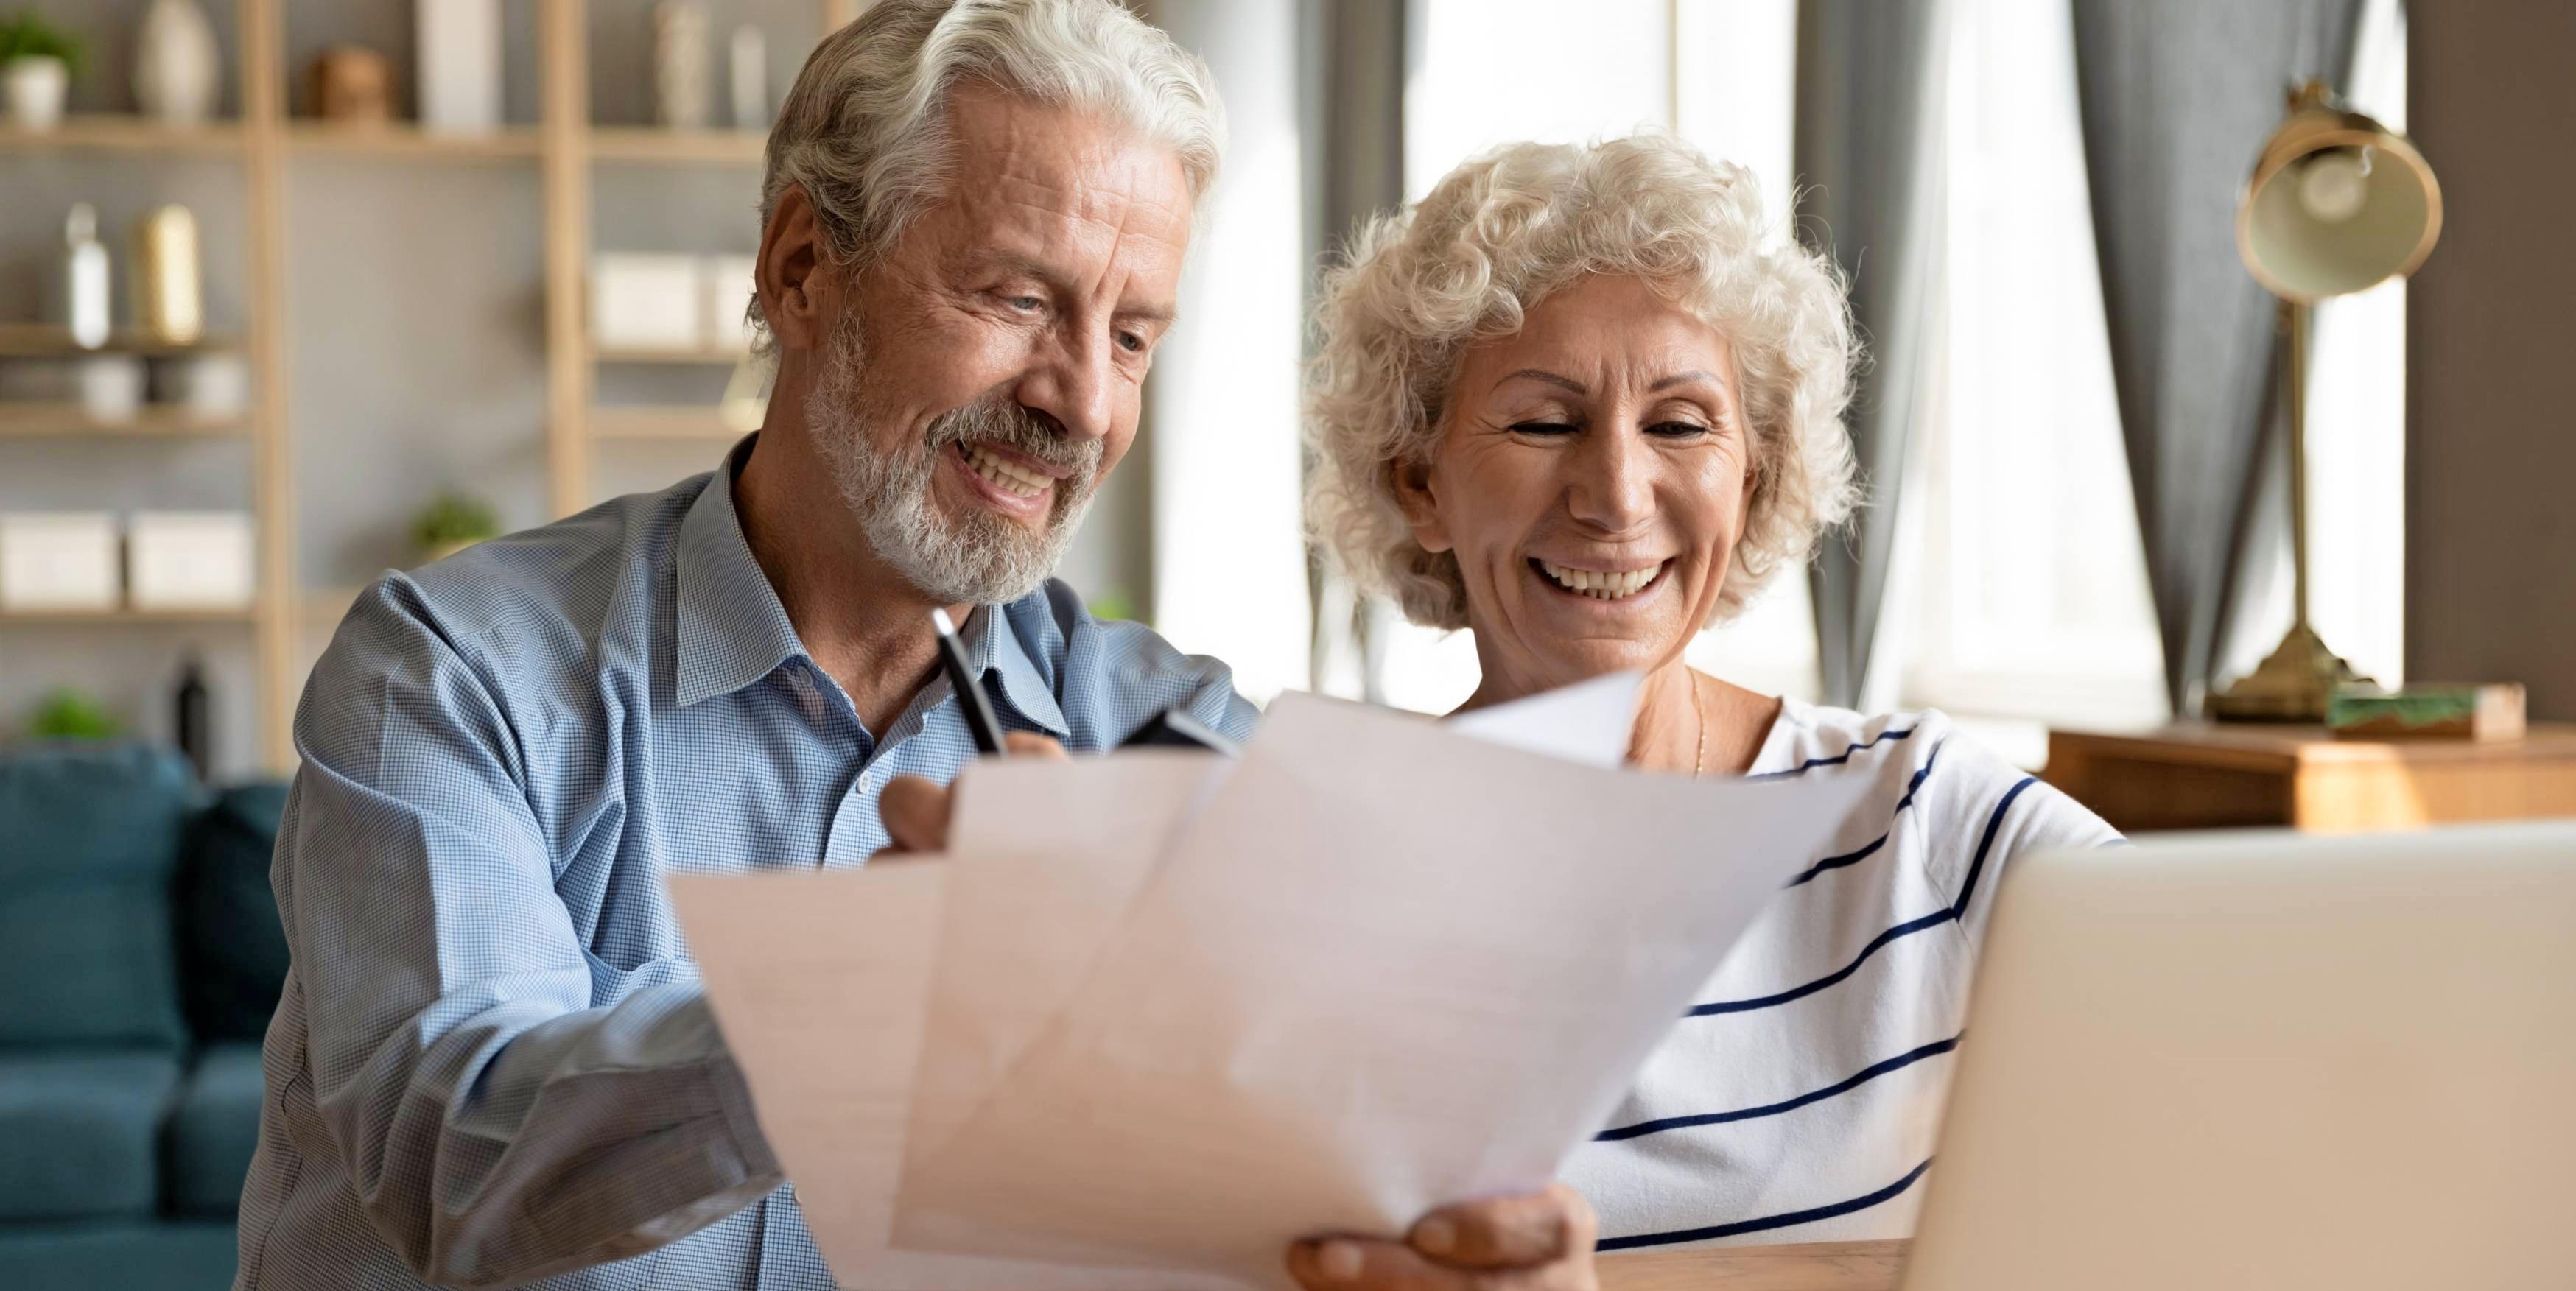 Ab einem bestimmten Alter werden manche Versicherungen wichtiger als andere. Foto: fizkes/stock.adobe.com